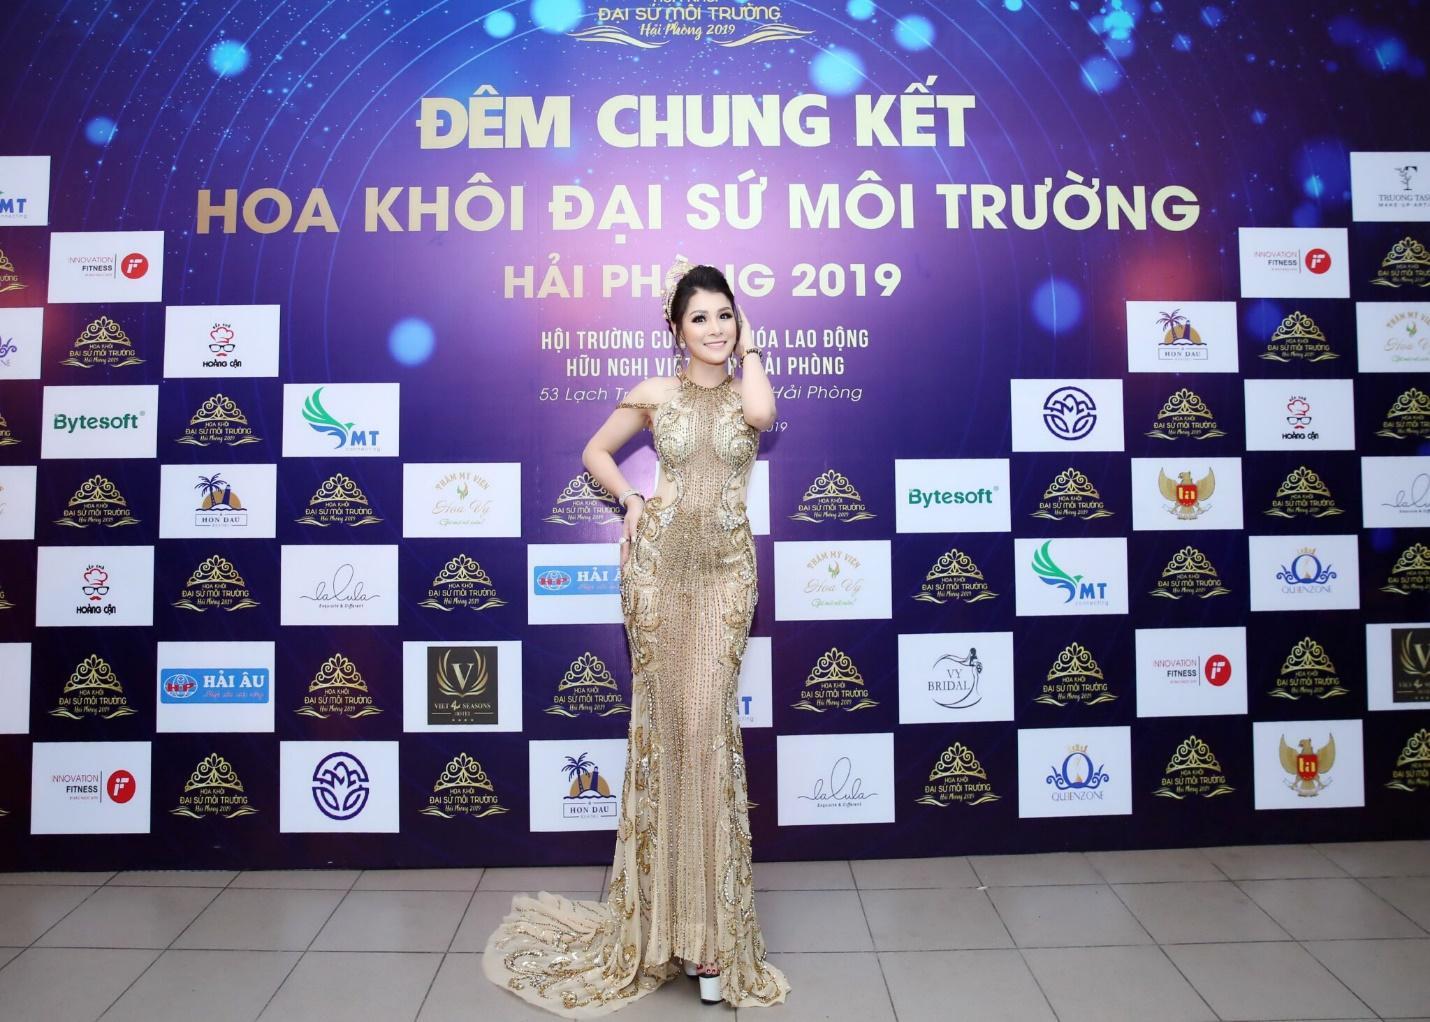 Hoa hậu doanh nhân Đàm Hương Thủy nổi bật khi ngồi ghế giám khảo Hoa khôi Đại sứ môi trường Hải Phòng năm 2019  - Ảnh 8